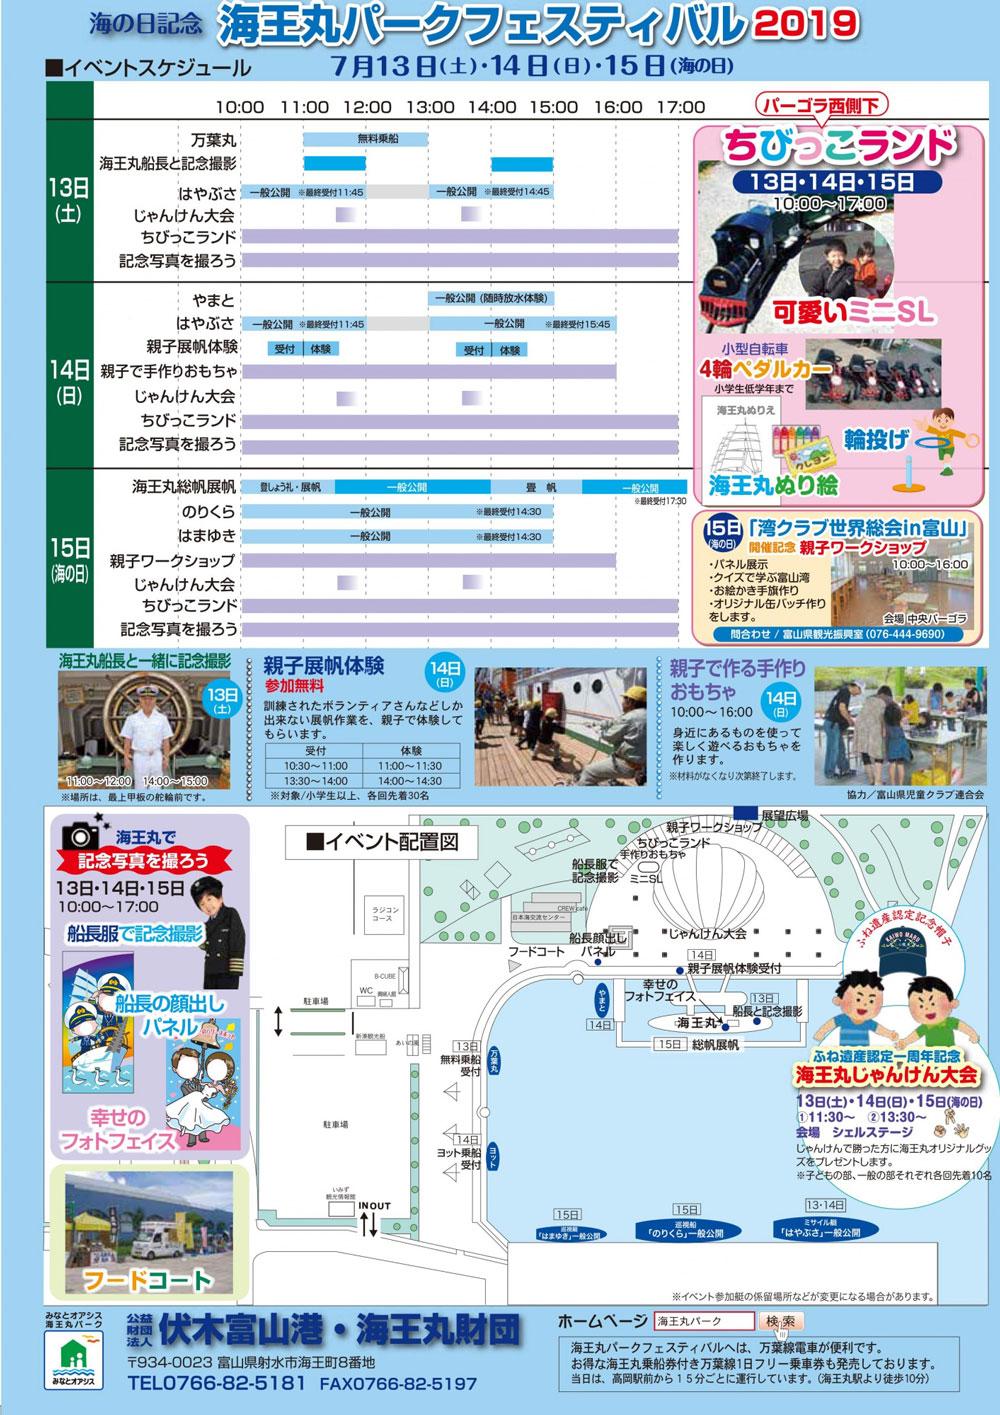 「海王丸パークフェスティバル2019」イベントスケジュール